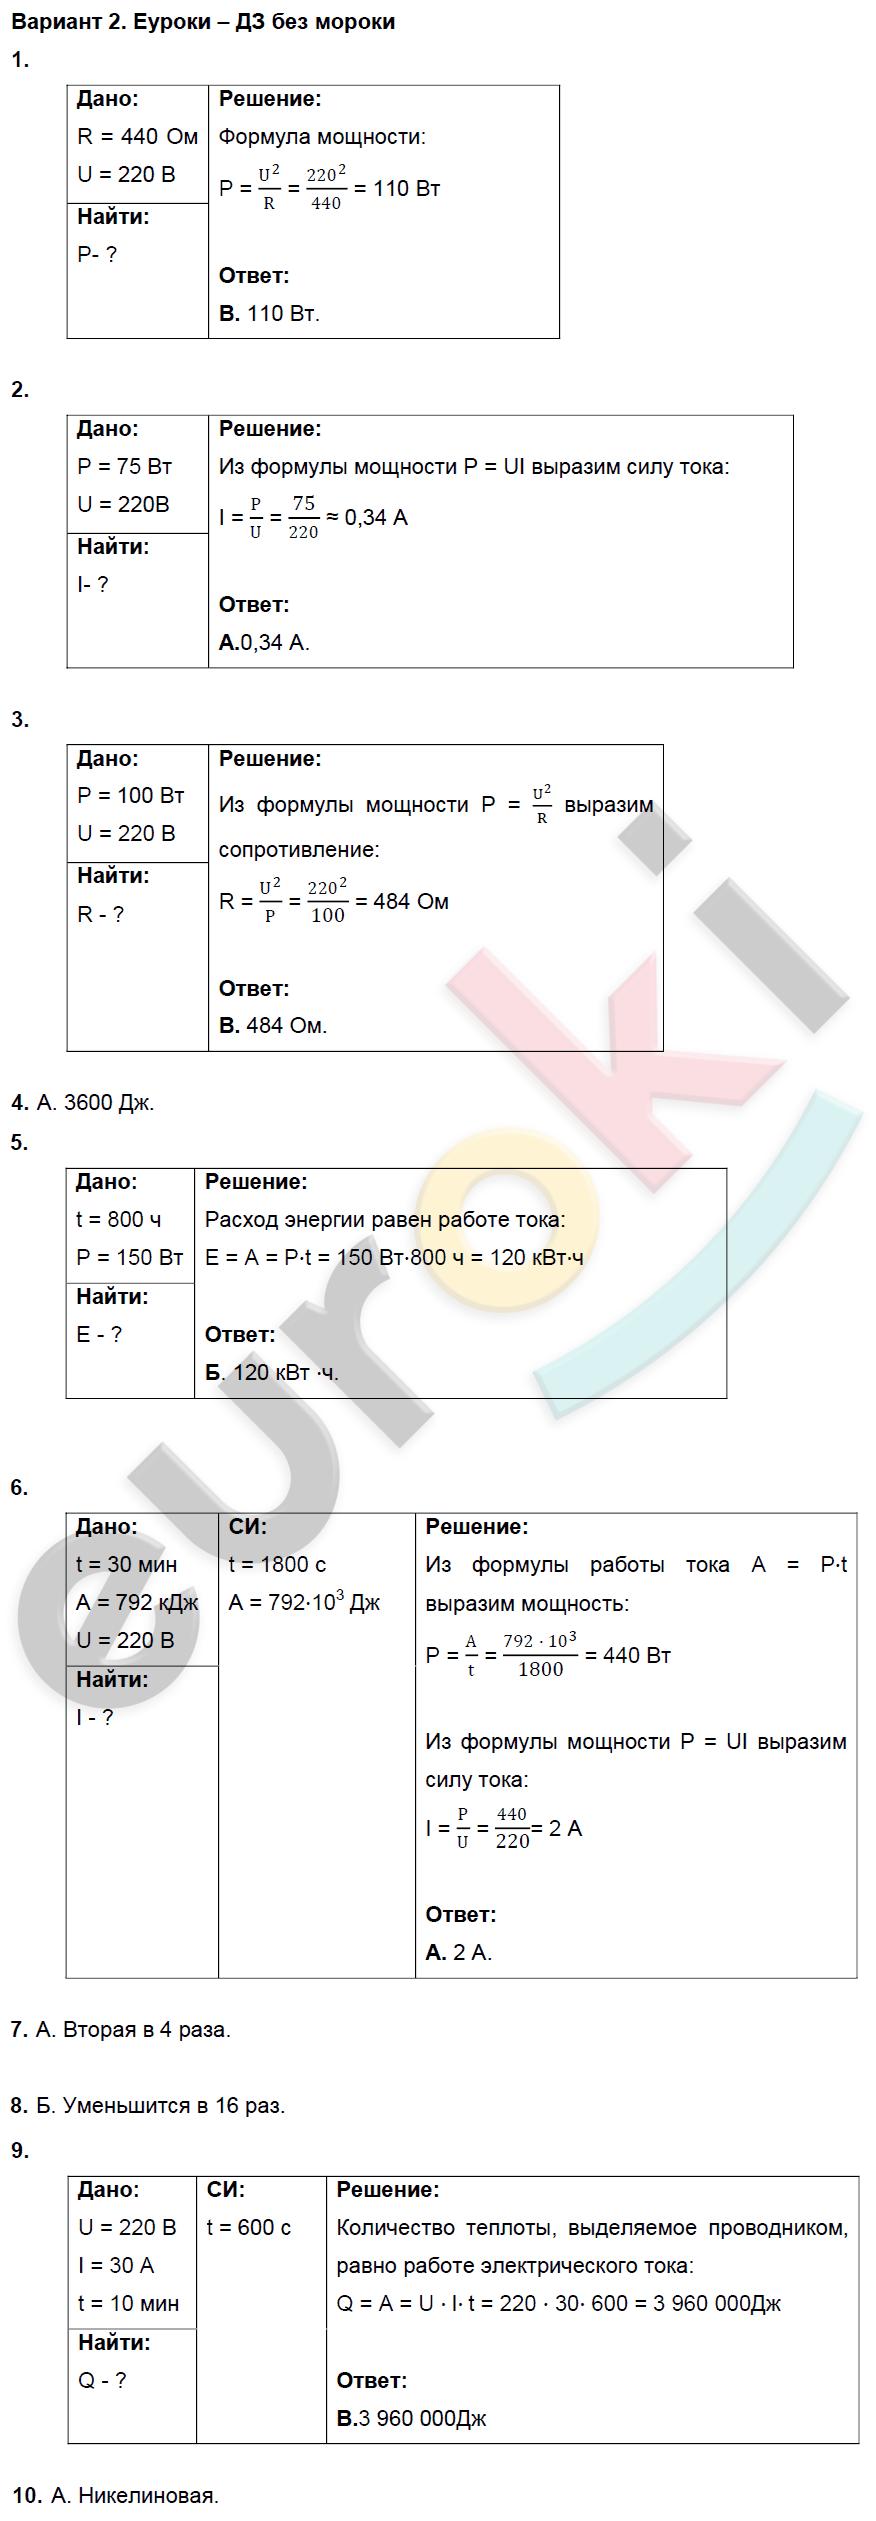 Гдз по физике дидактический материал 7 класс | peatix.